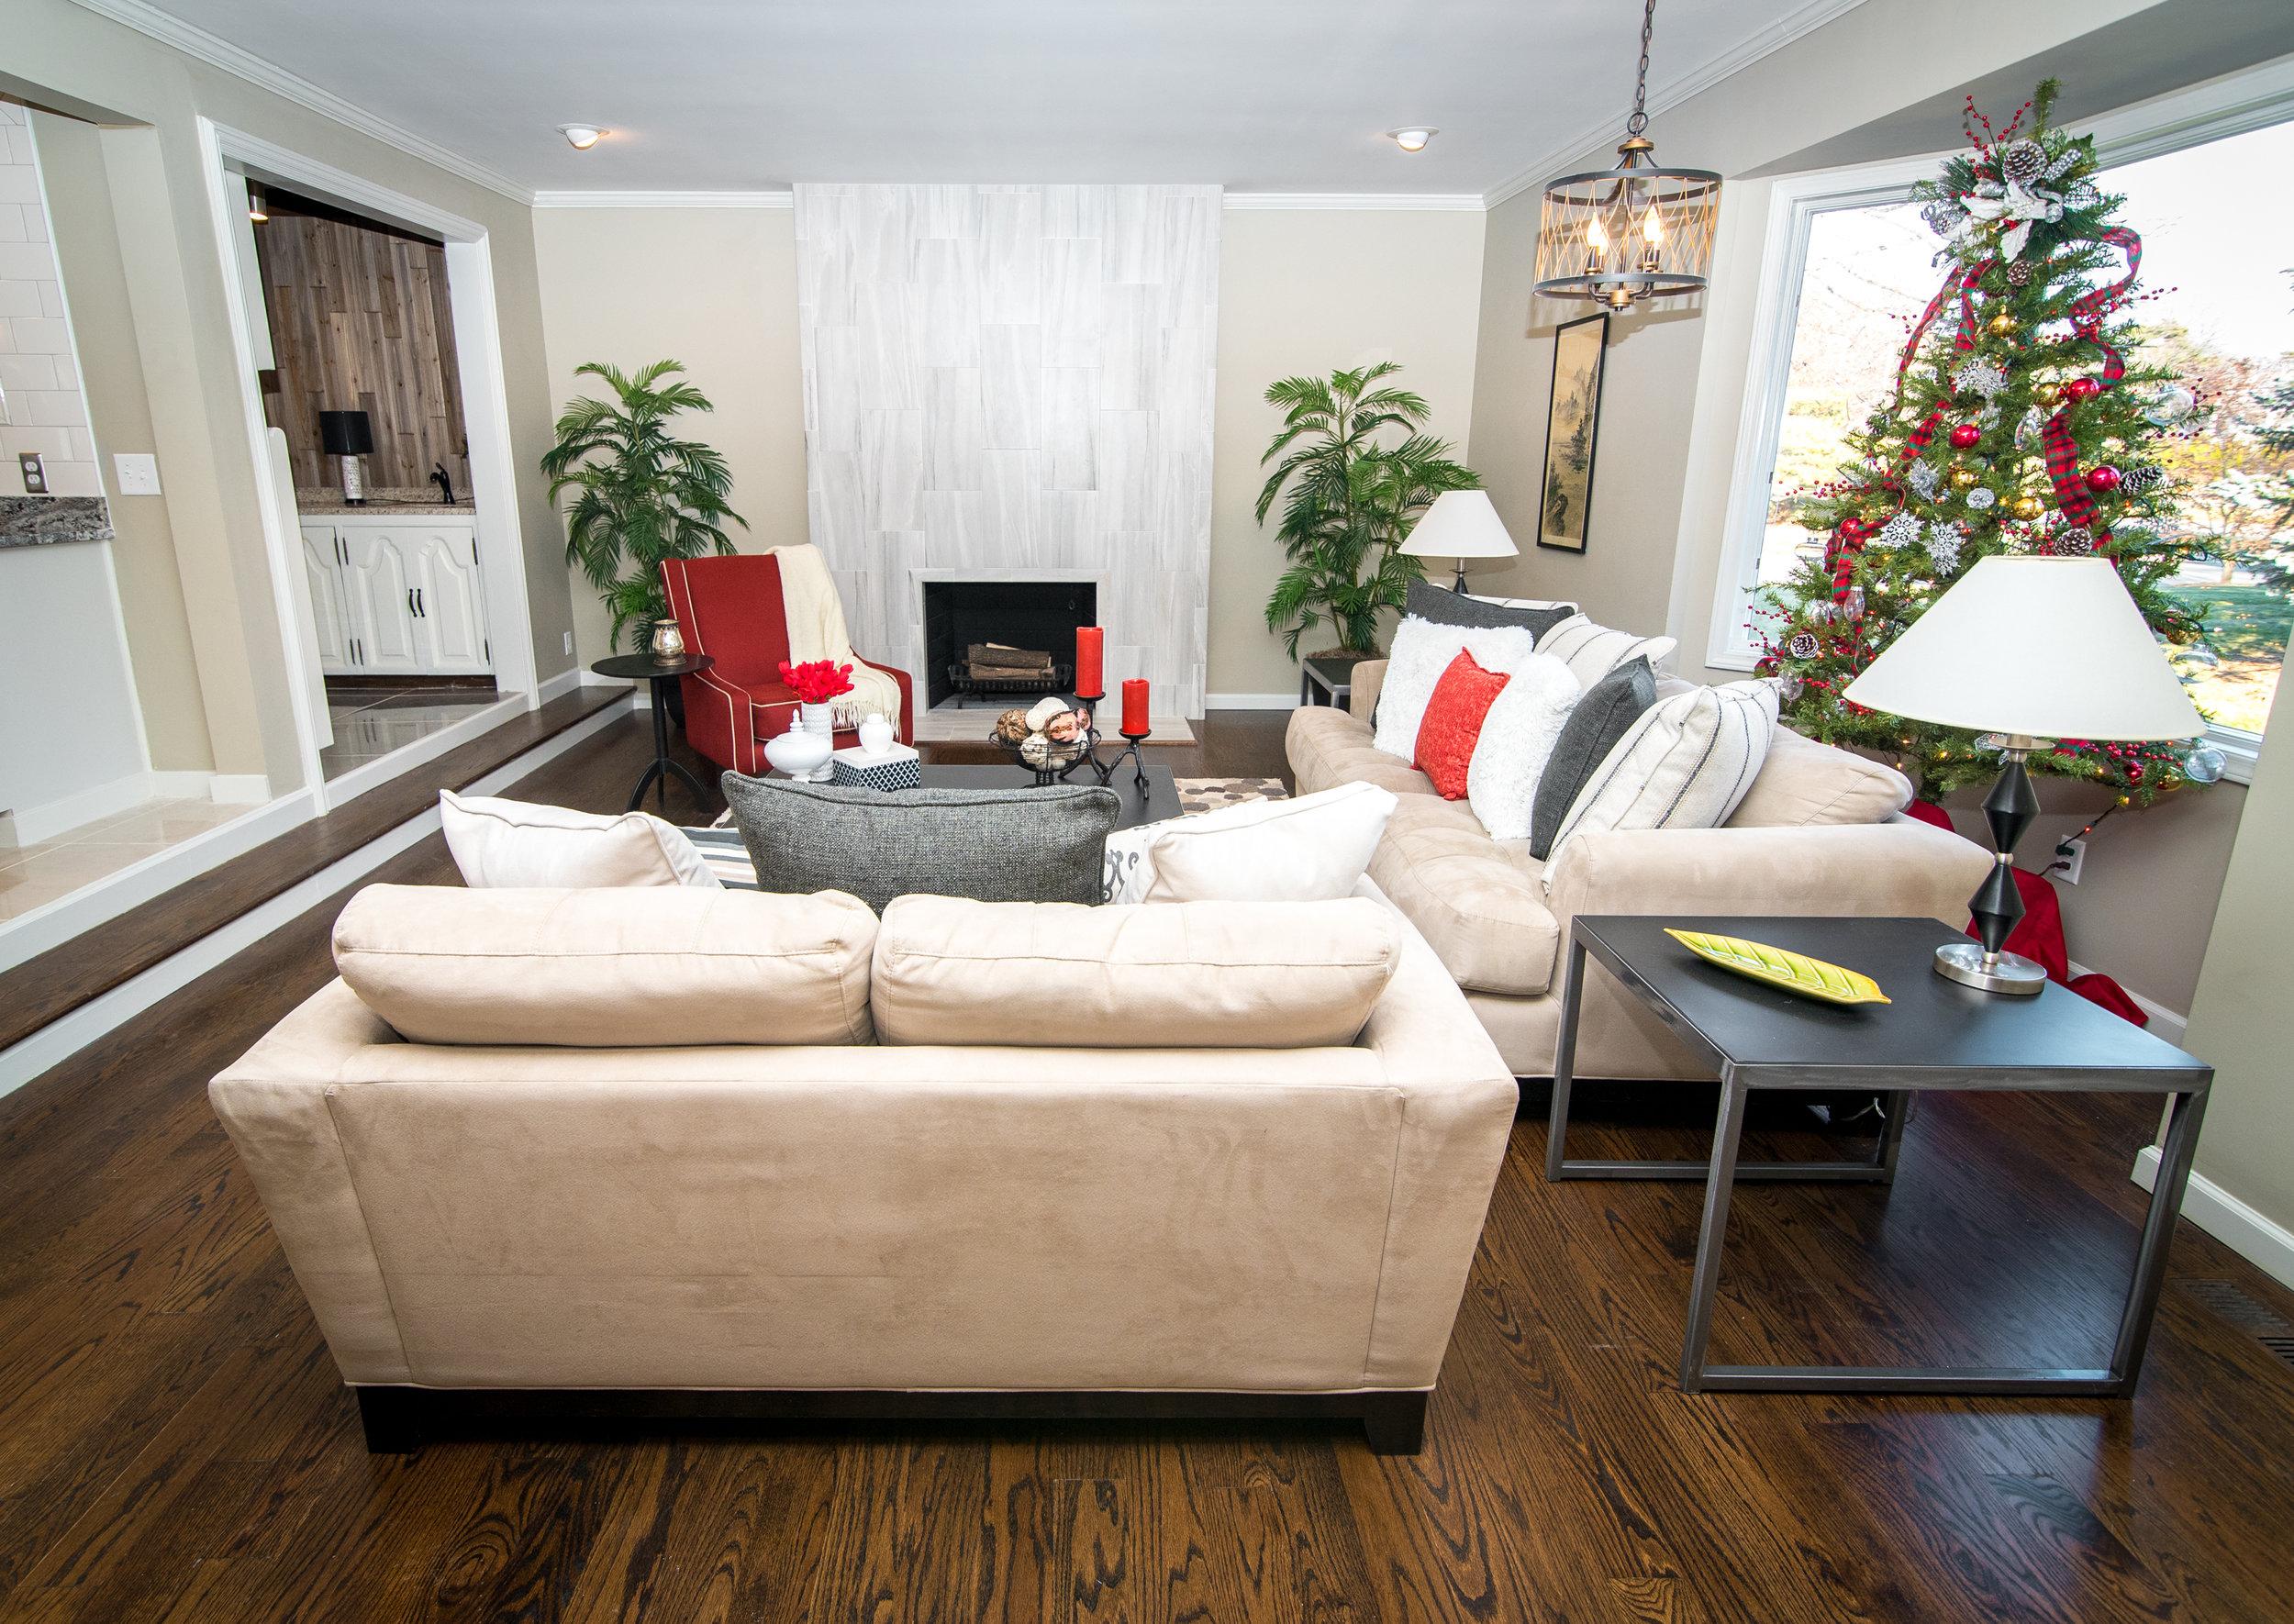 12-8-17 975 lakeshore real estate 25_.jpg